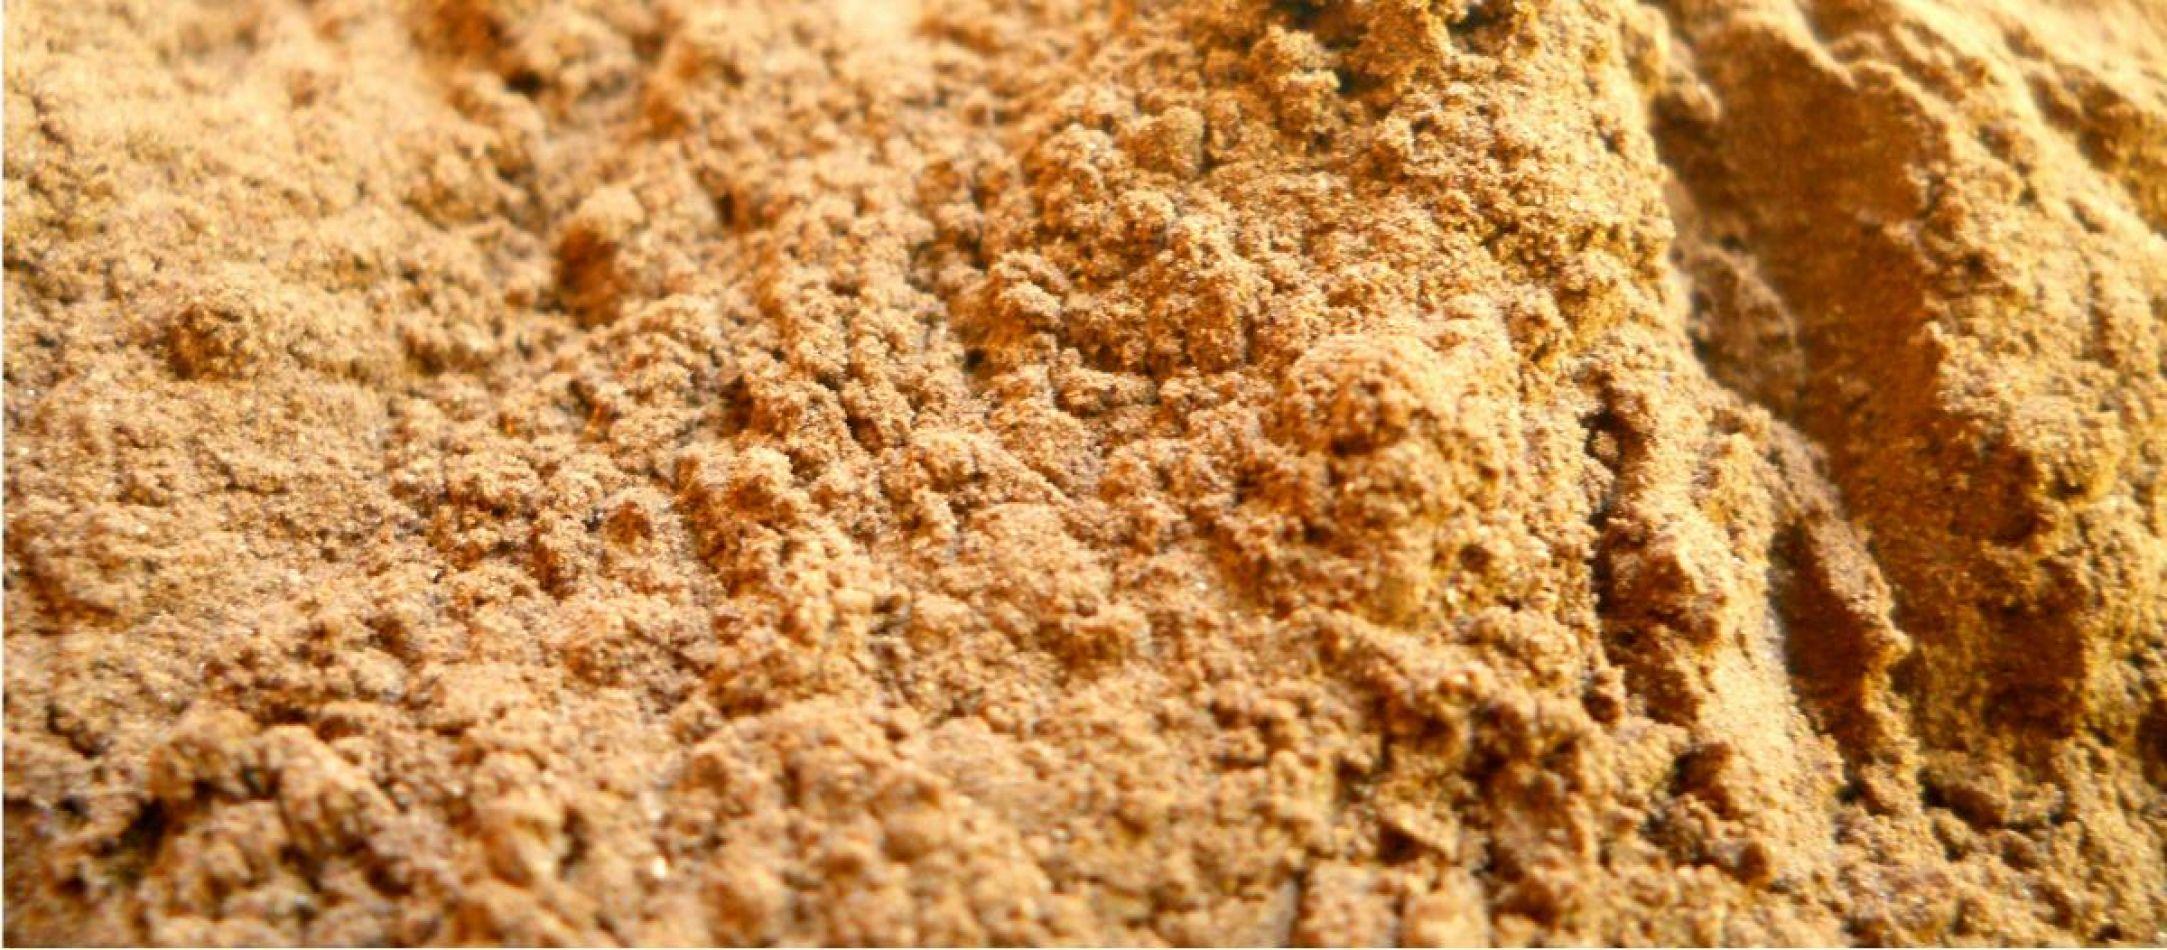 La harina de algarroba es 100% libre de gluten y de alto valor nutricional